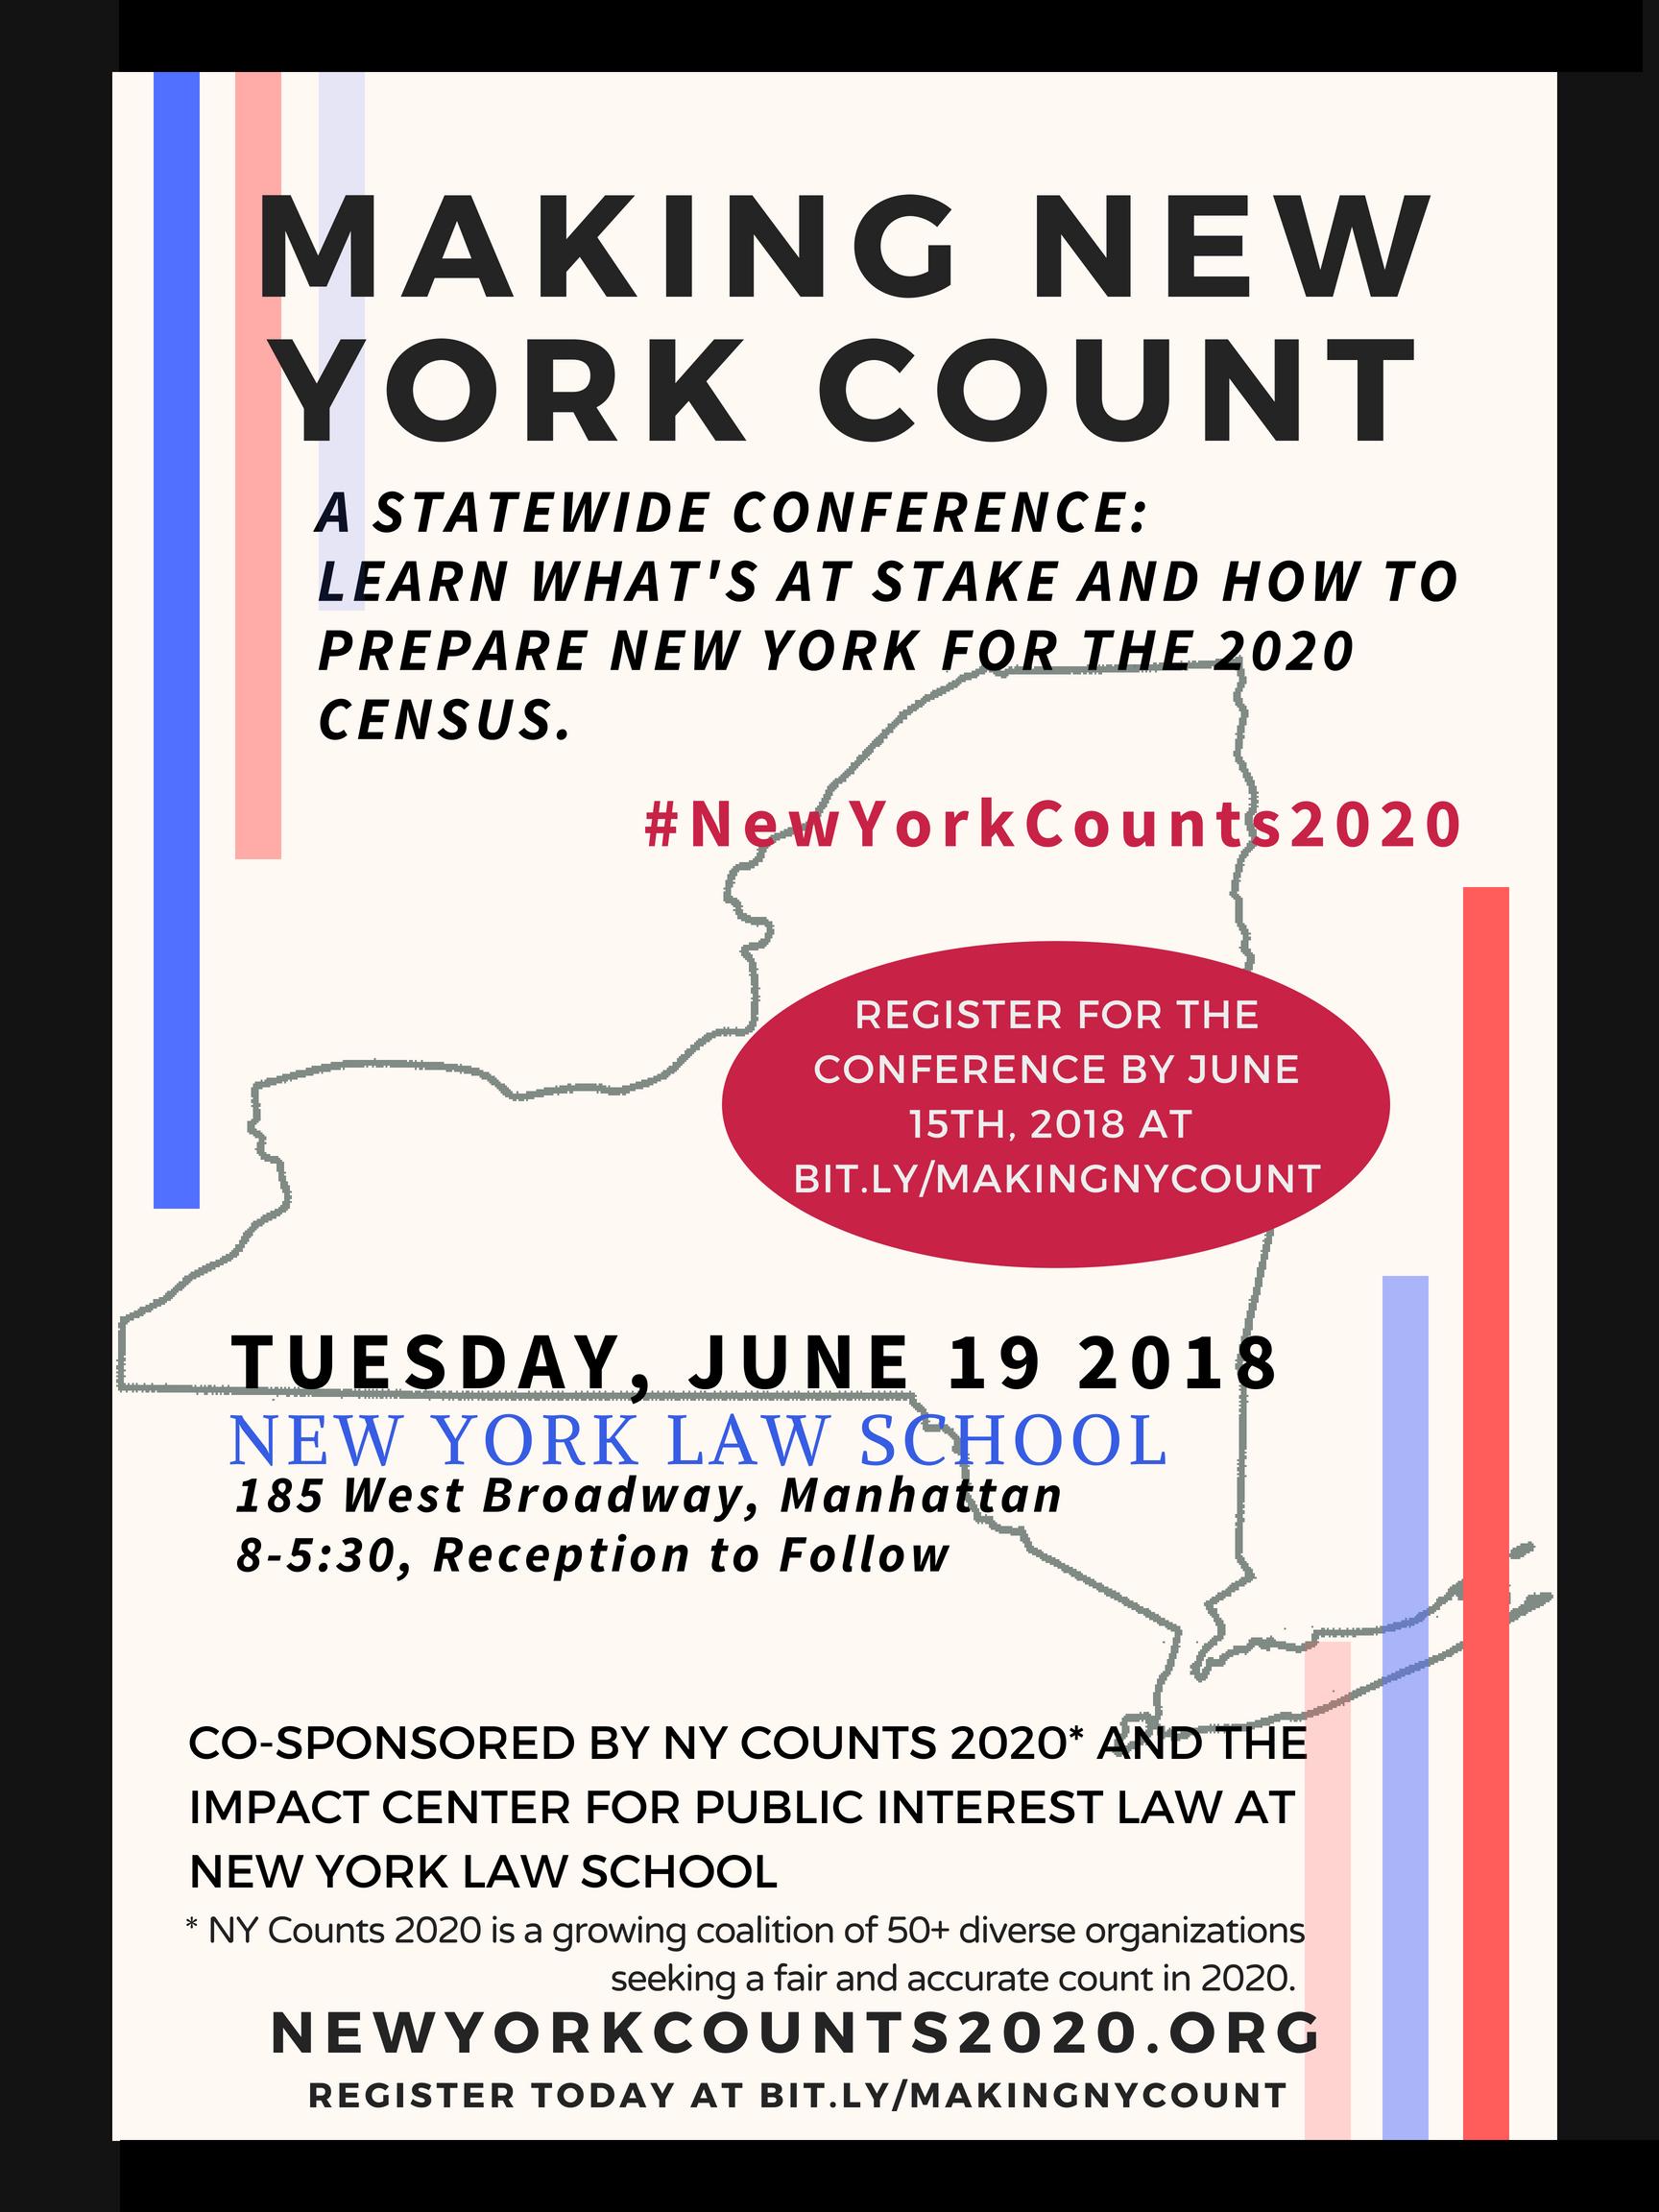 ny counts 2020.jpg